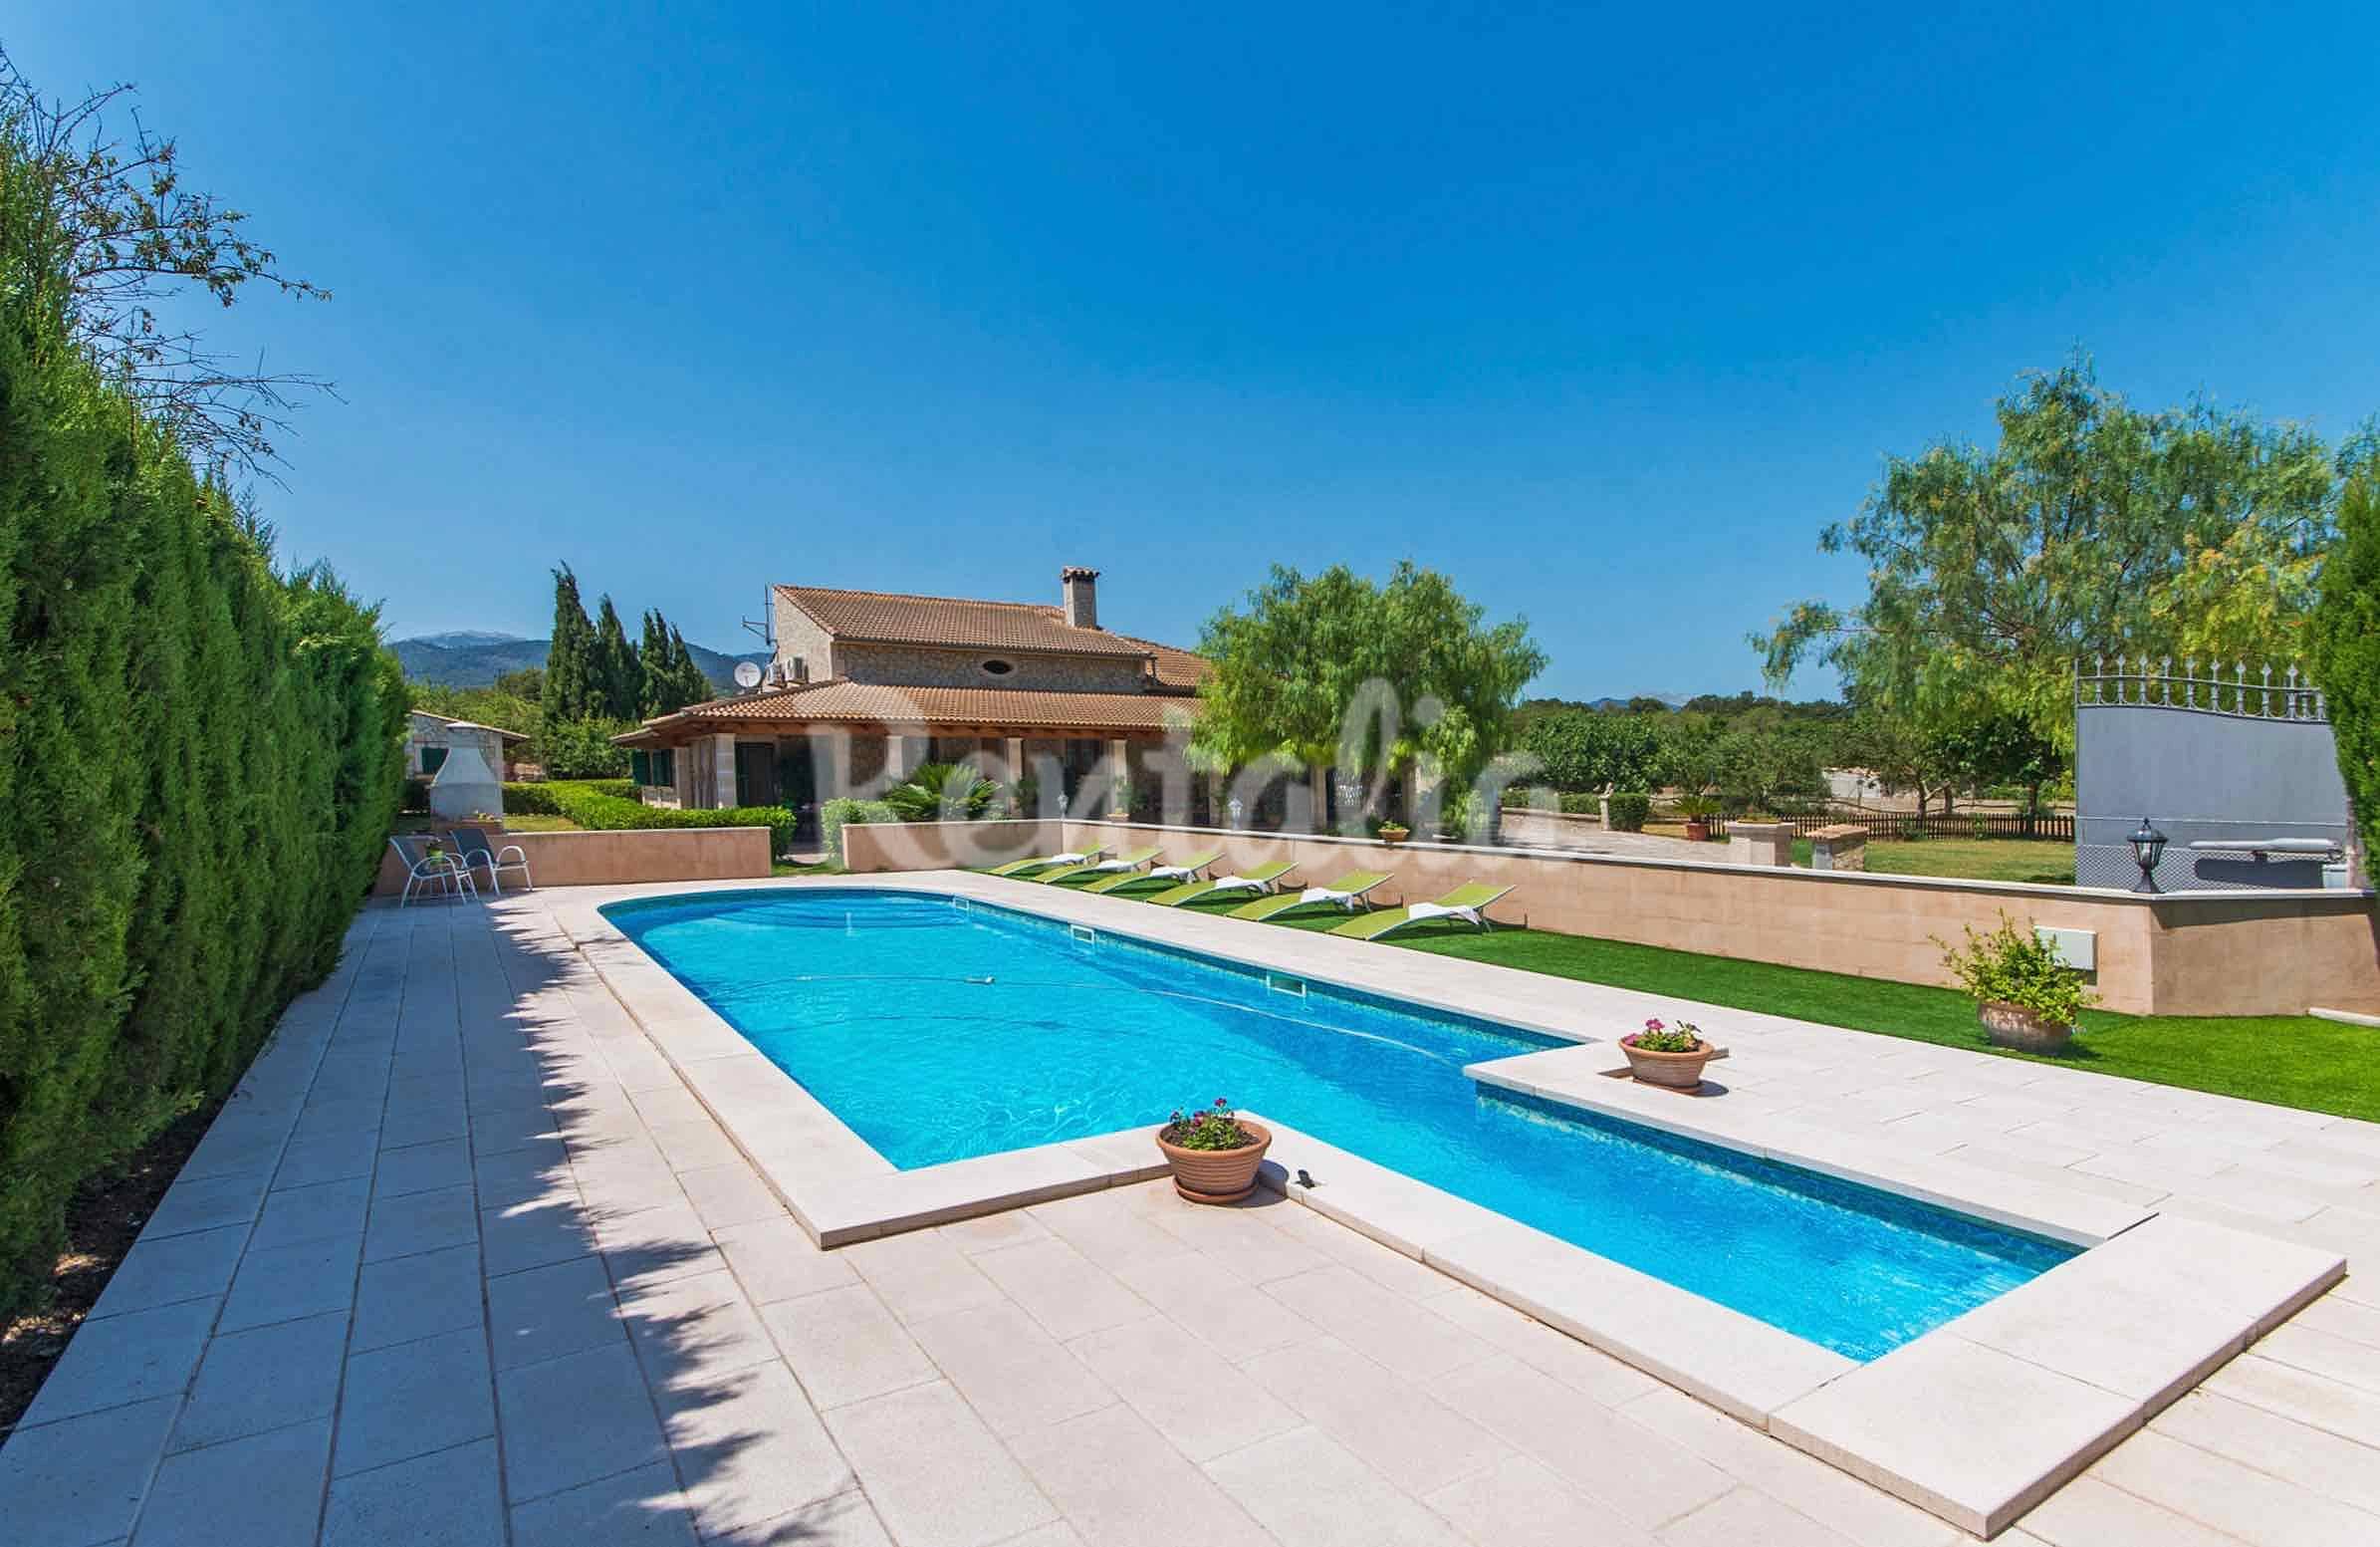 Villa con piscina en el campo mallorqu n lloseta mallorca sierra de tramontana - Piscinas en el campo ...